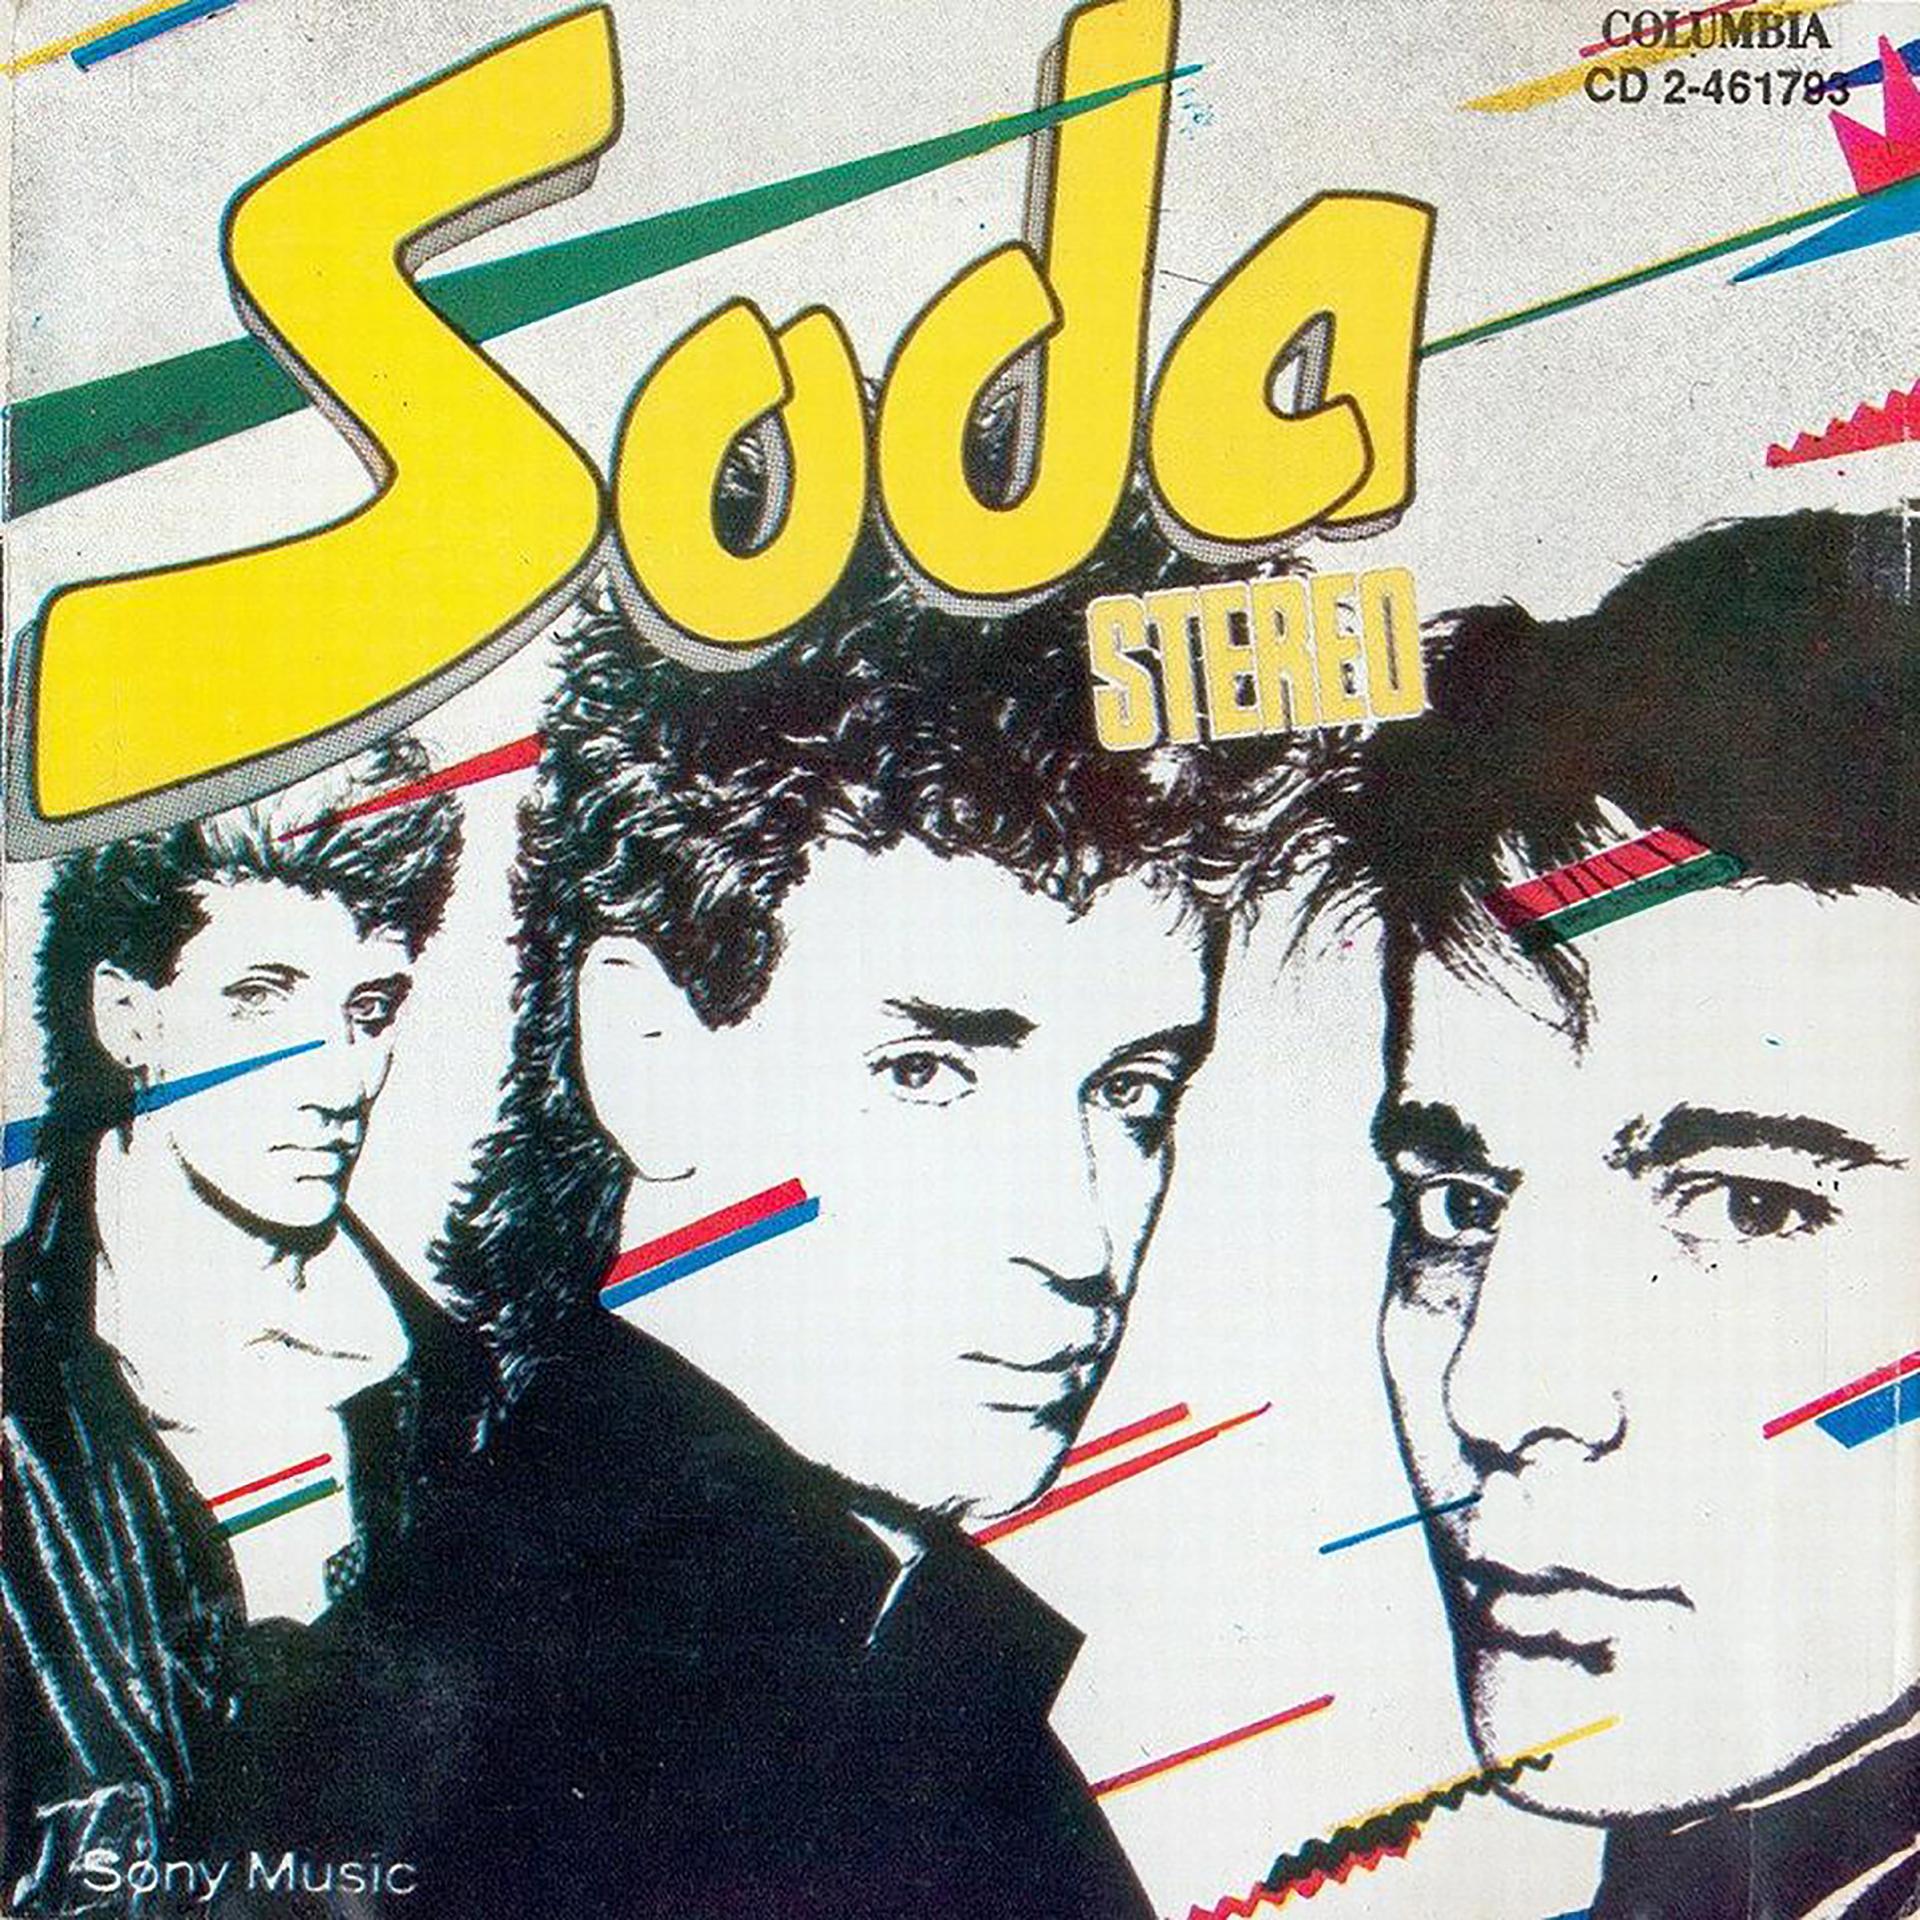 La portada de Soda Stereo (1984)